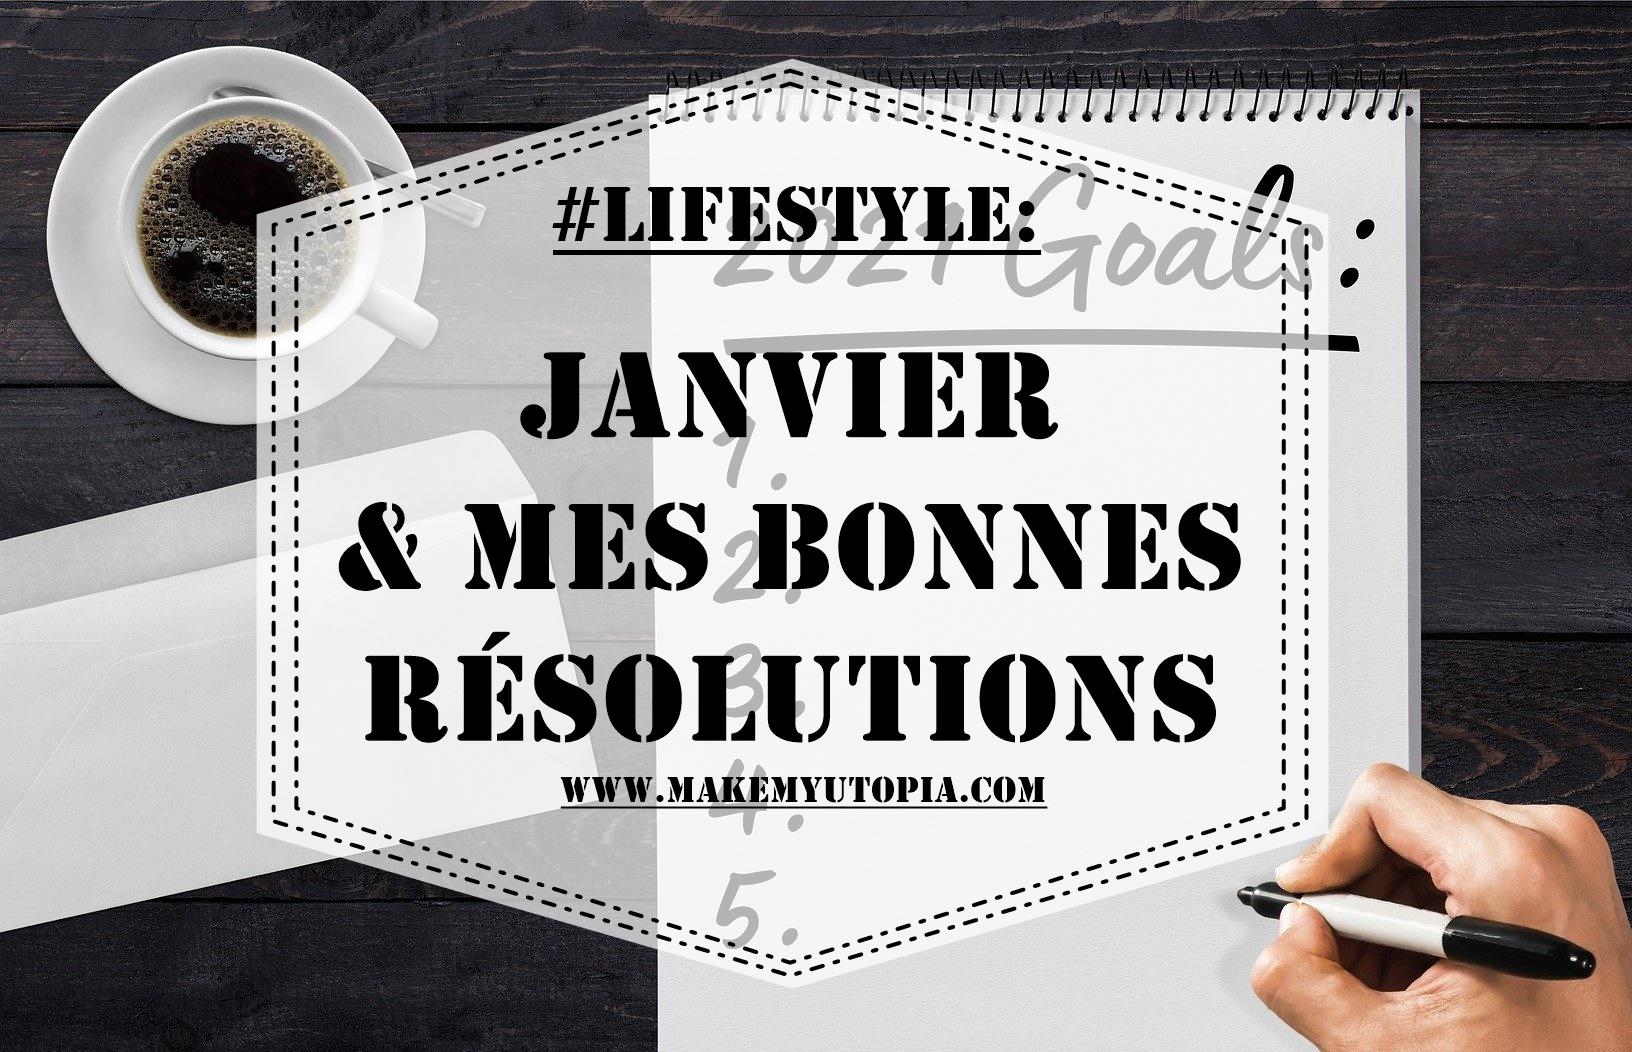 #LIFESTYLE - Résolutions Janvier - www.makemyutopia.com